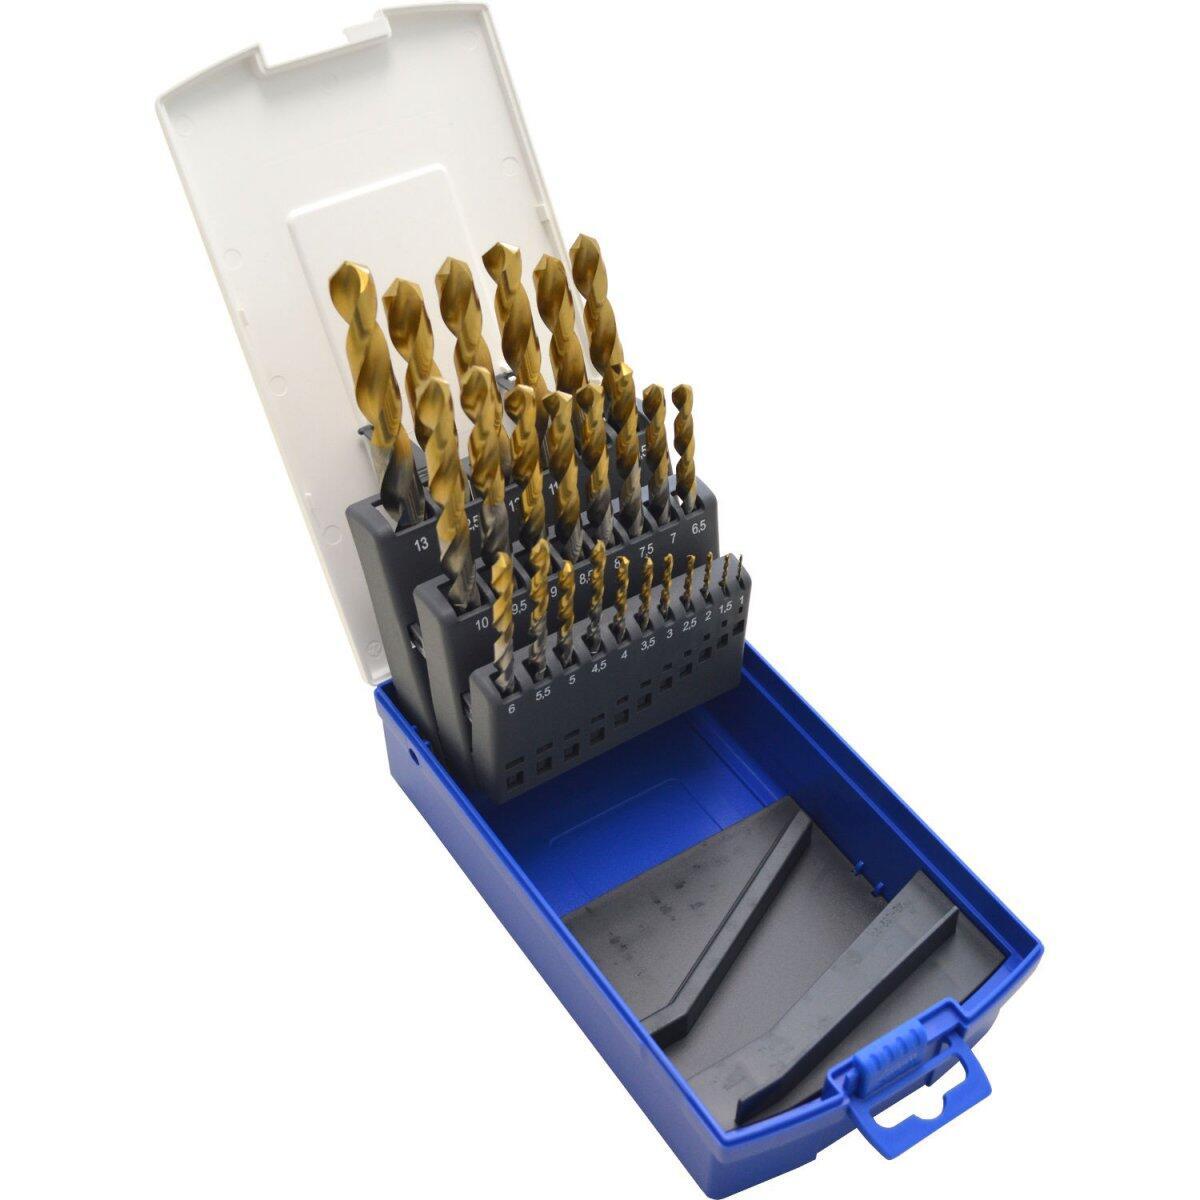 Jogo De Brocas Em Aço Rápido 1 a 13mm 25 Peças Revestida em Titânio TW1000 Lenox Twill